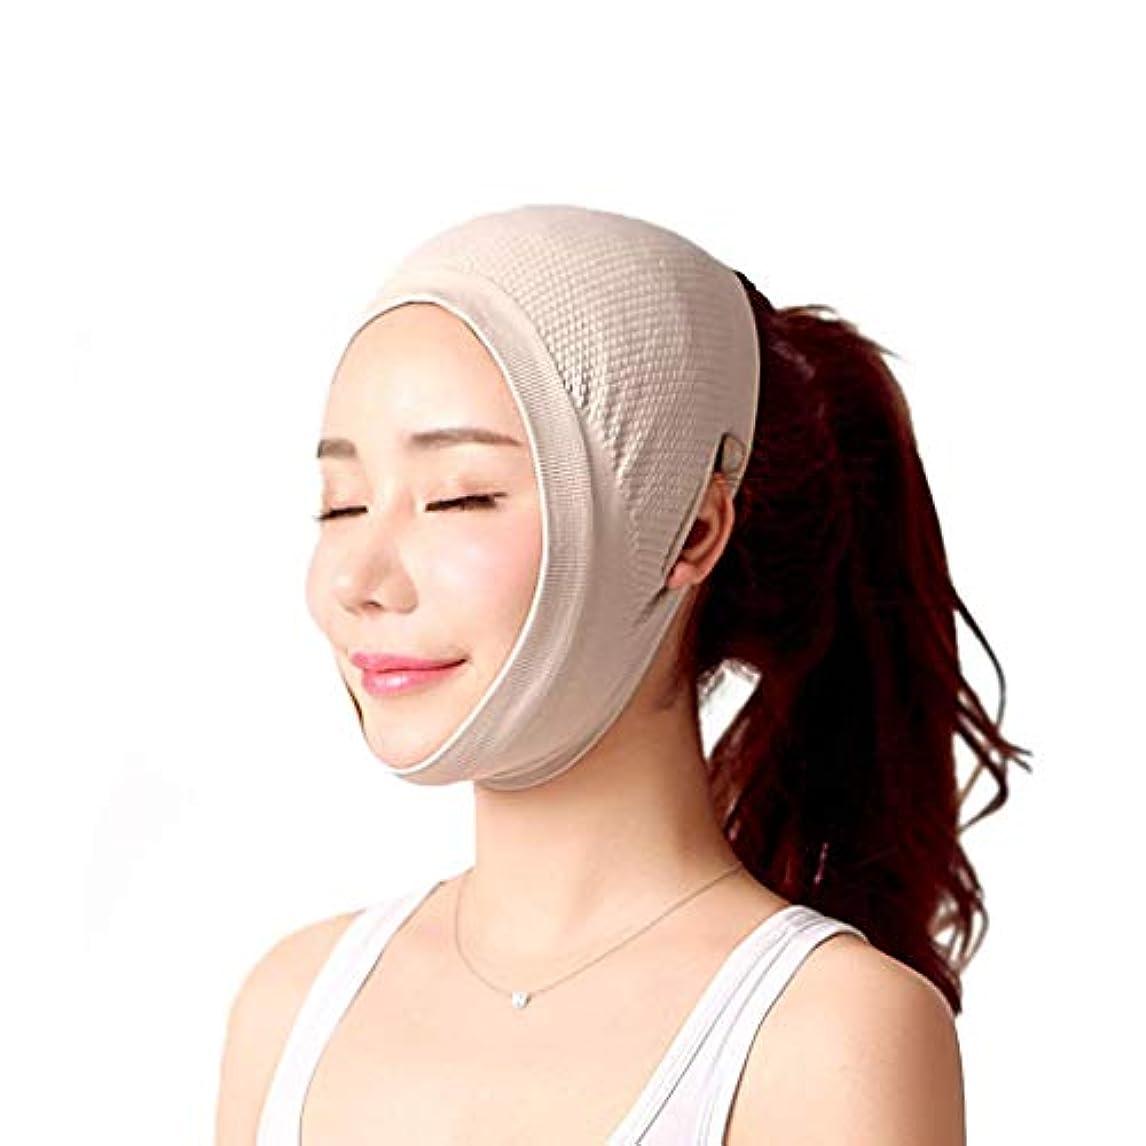 再発する夏ヒギンズ顔痩身包帯、二重あご、二重あごを減らすために顔を持ち上げる、顔を引き締める、体重を減らすためのマスク(ワンサイズ)